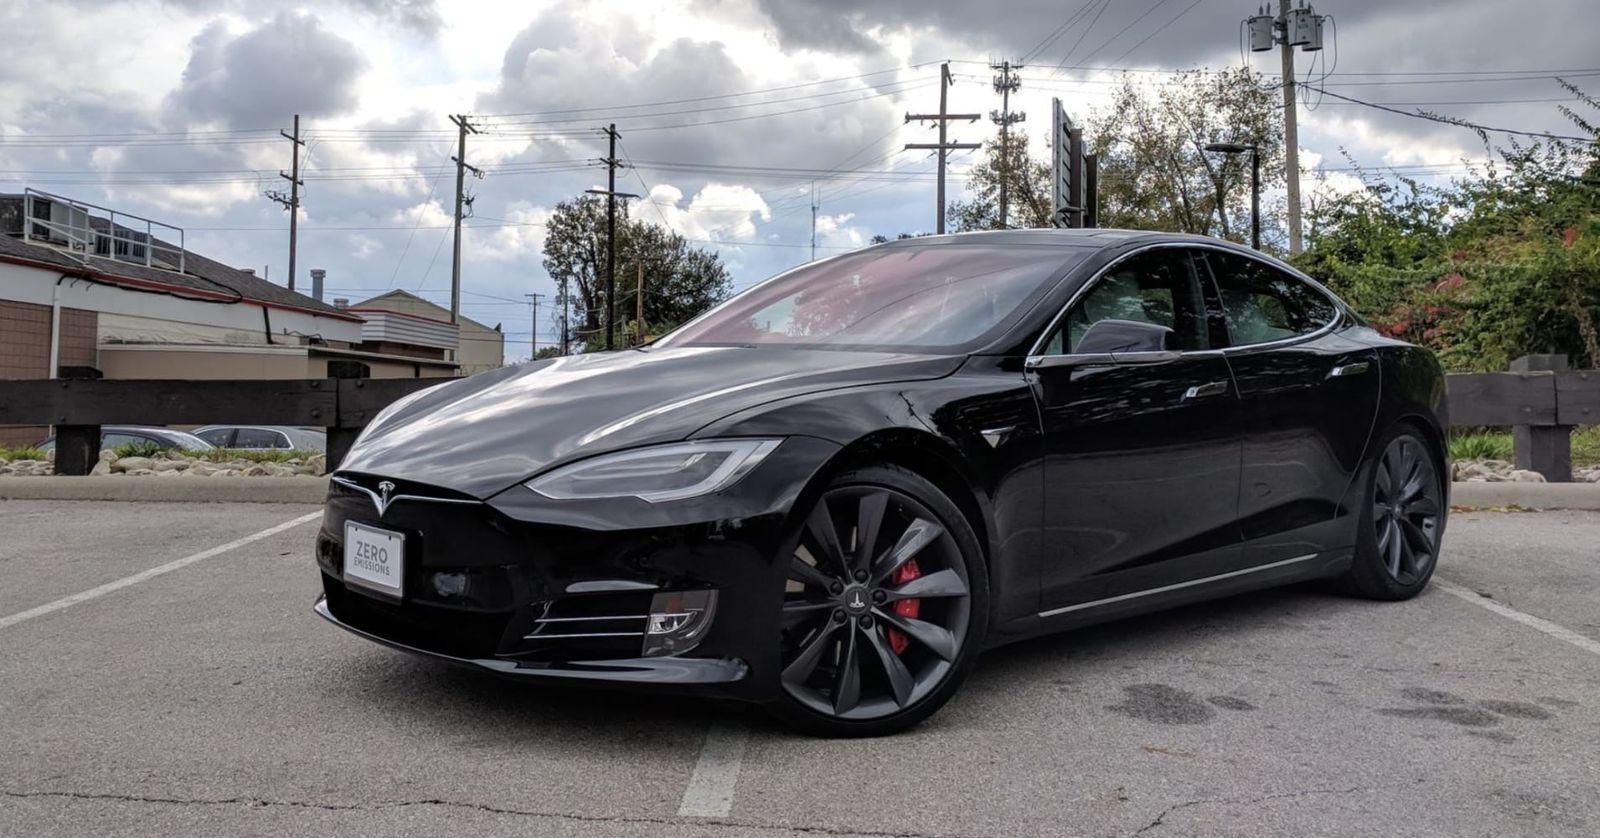 2017 Tesla P100D car in black colour